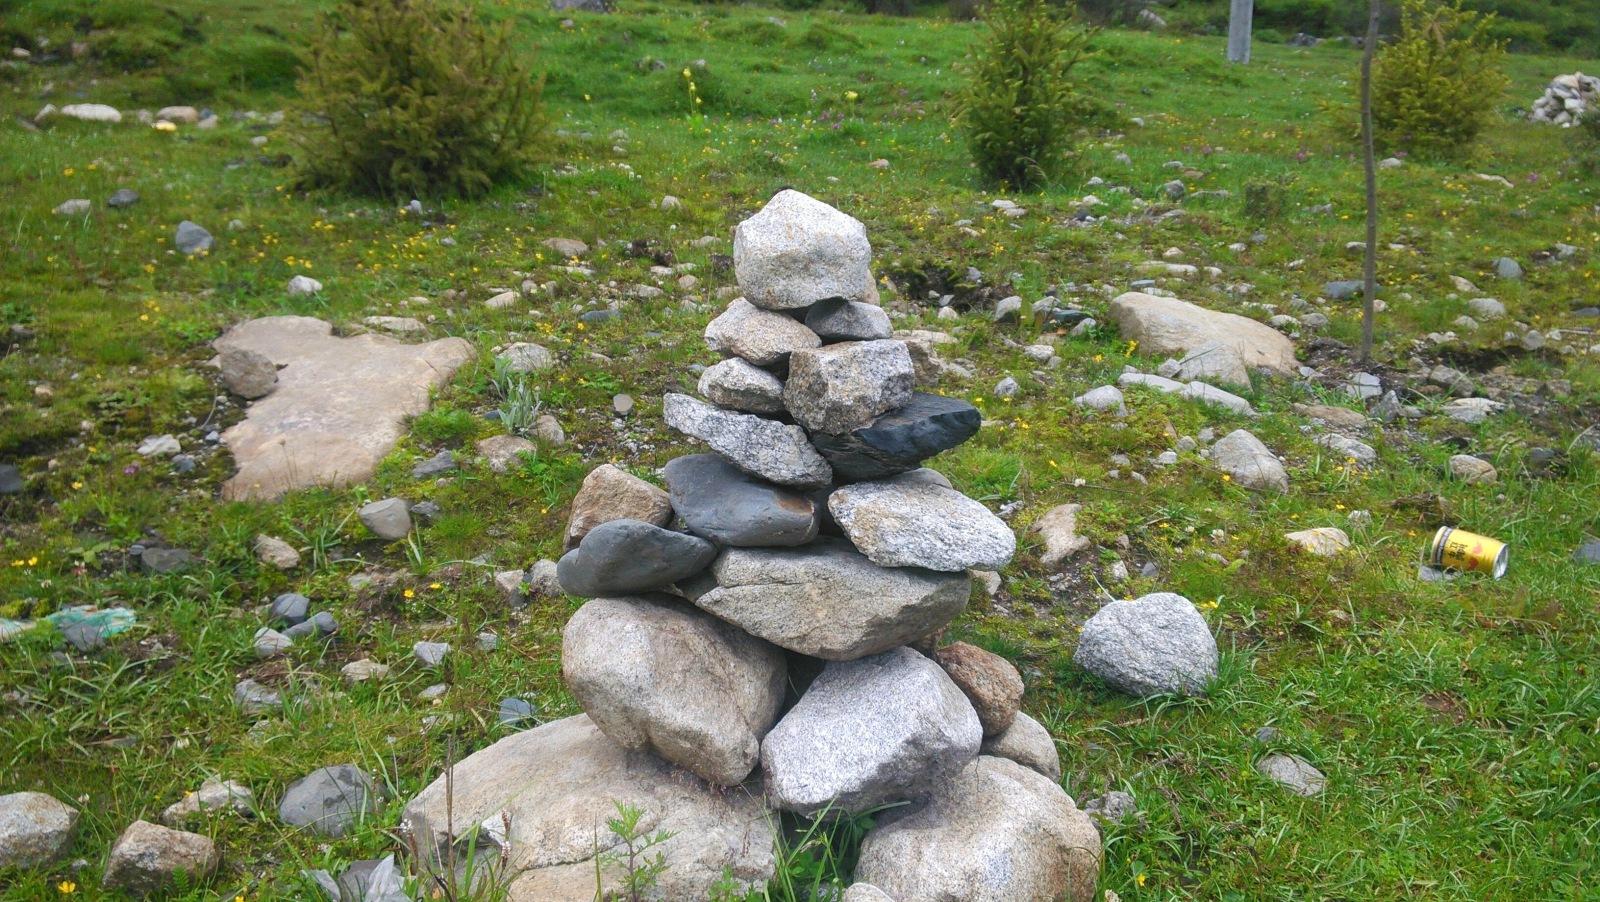 玛尼堆,用山上神圣的石头堆砌而成的神堆